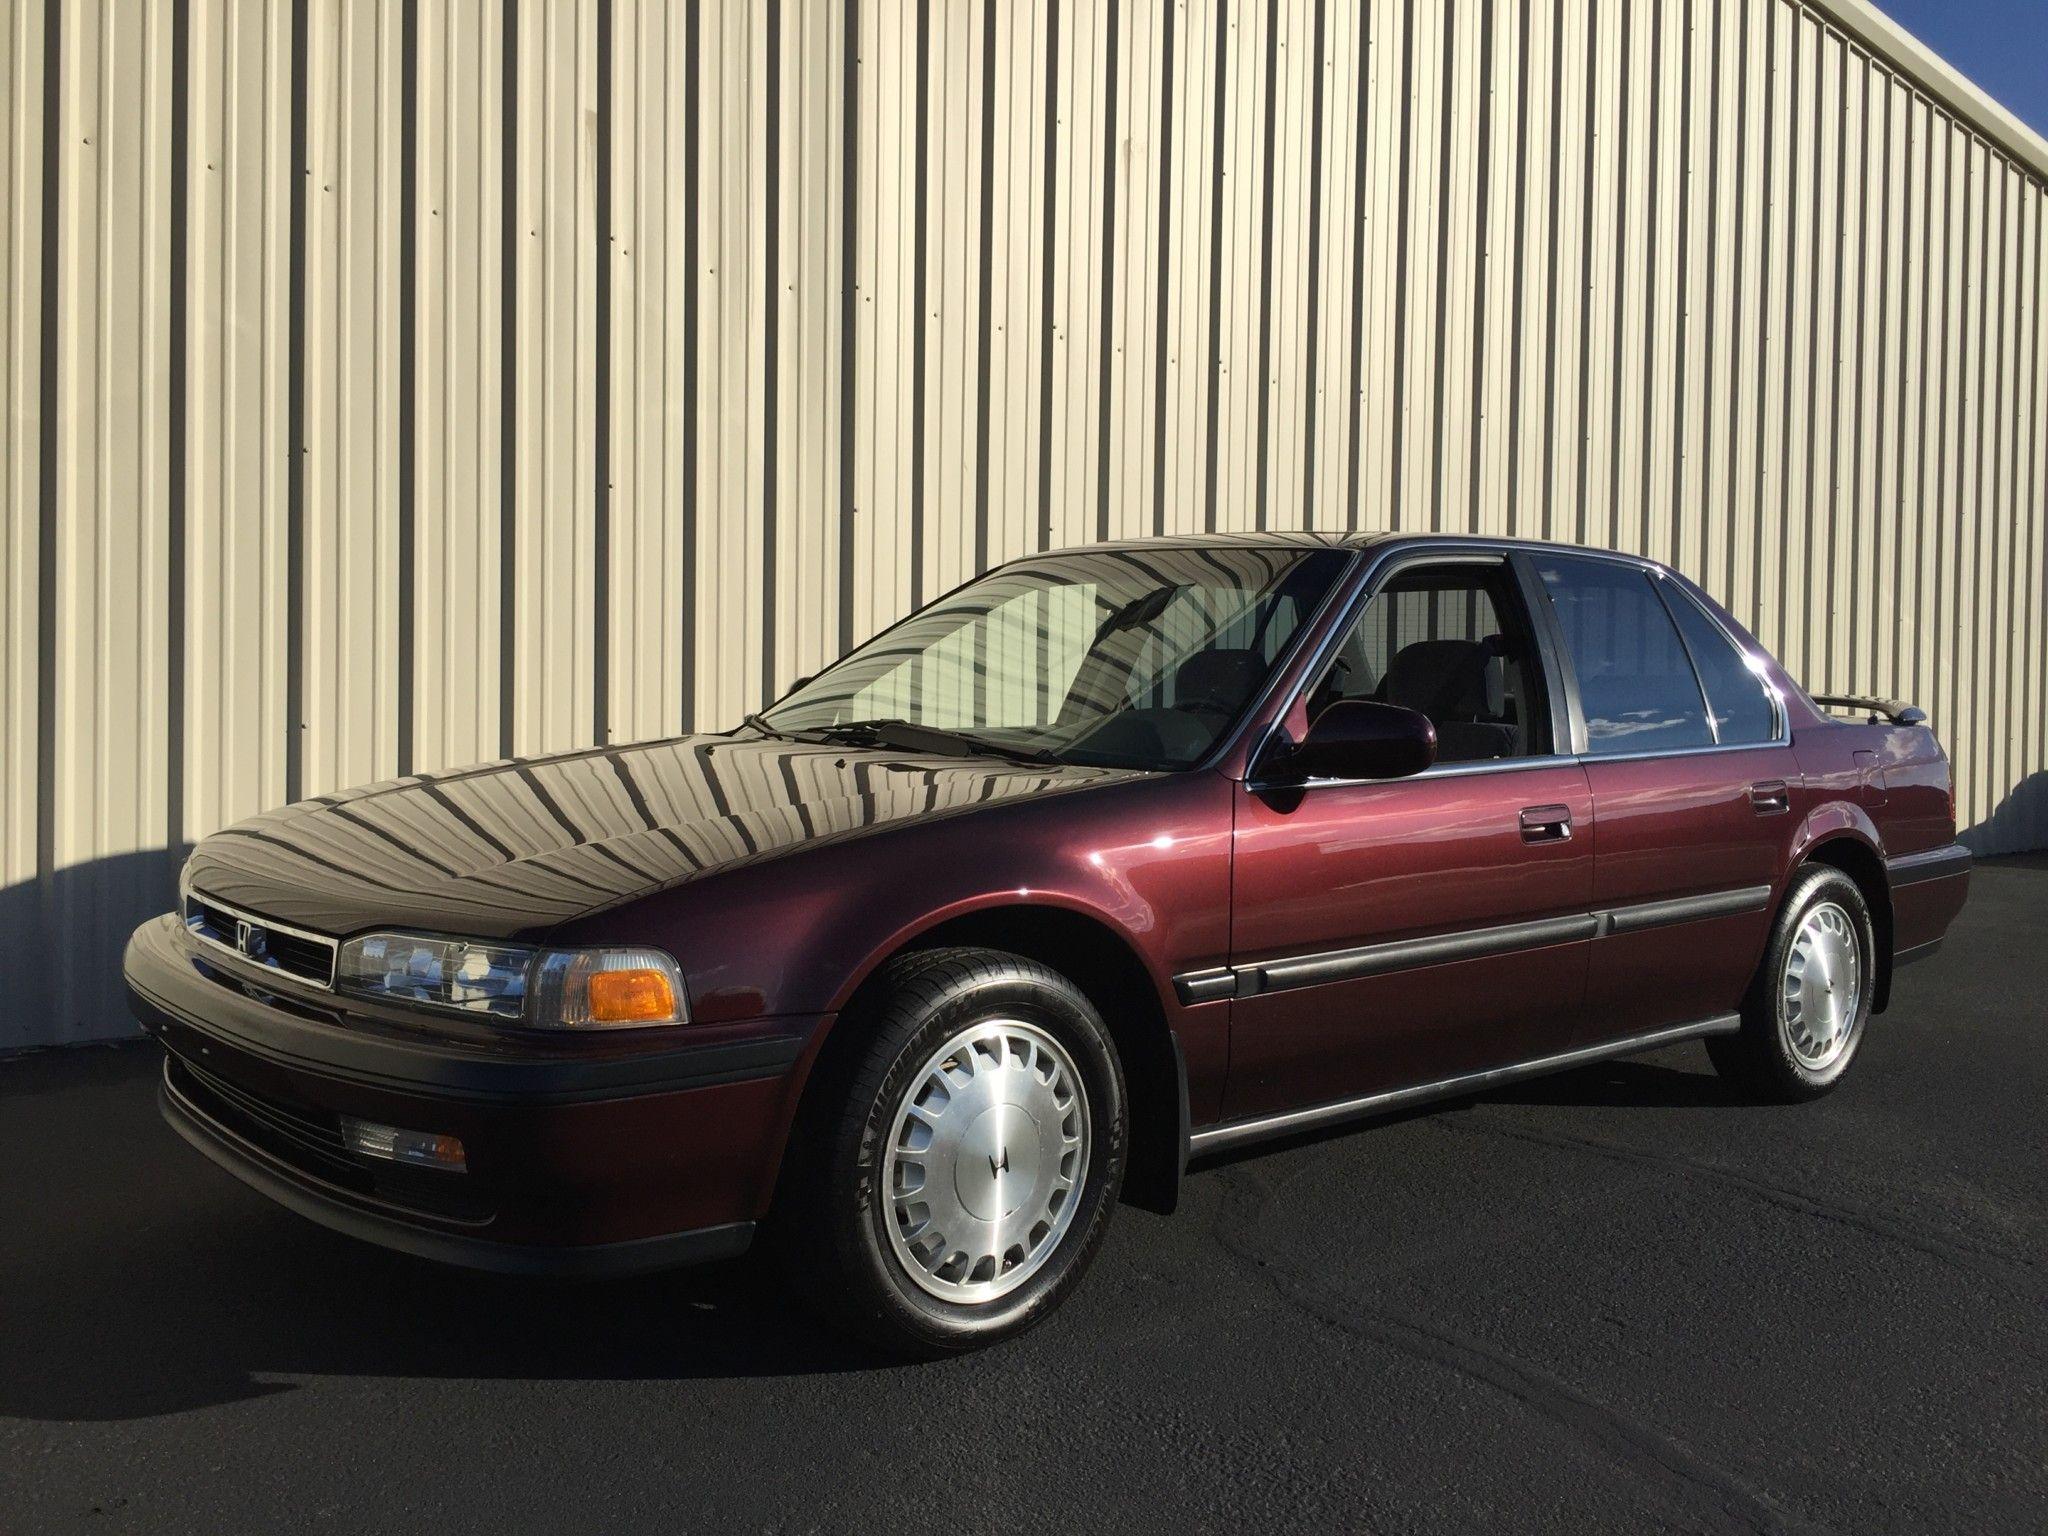 Kelebihan Honda Accord 1990 Top Model Tahun Ini